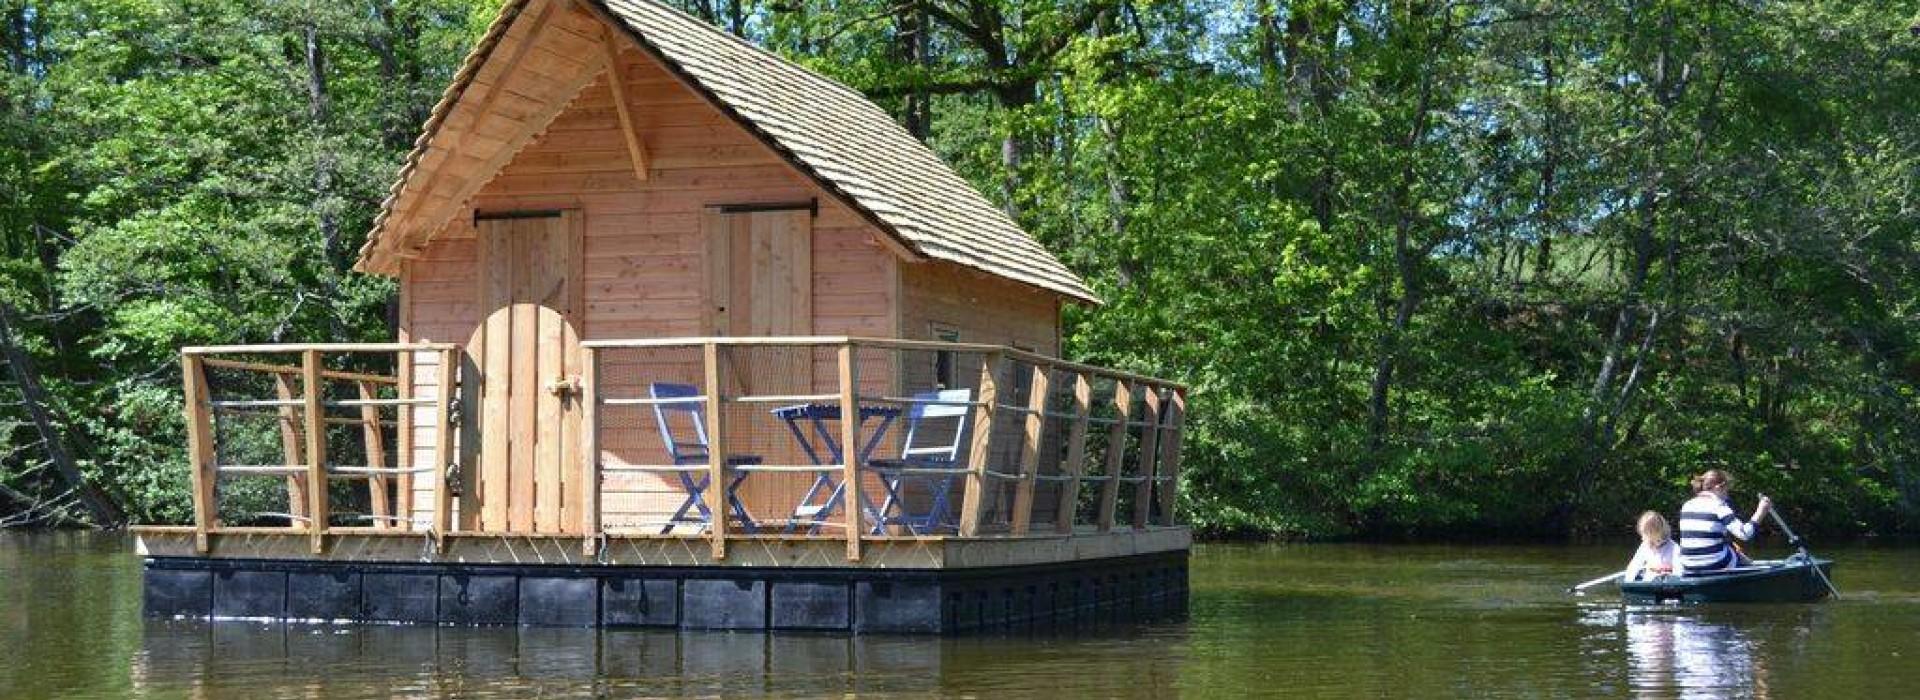 domaine des vaulx cabane sur l 39 eau h bergements insolites en pays de la loire. Black Bedroom Furniture Sets. Home Design Ideas